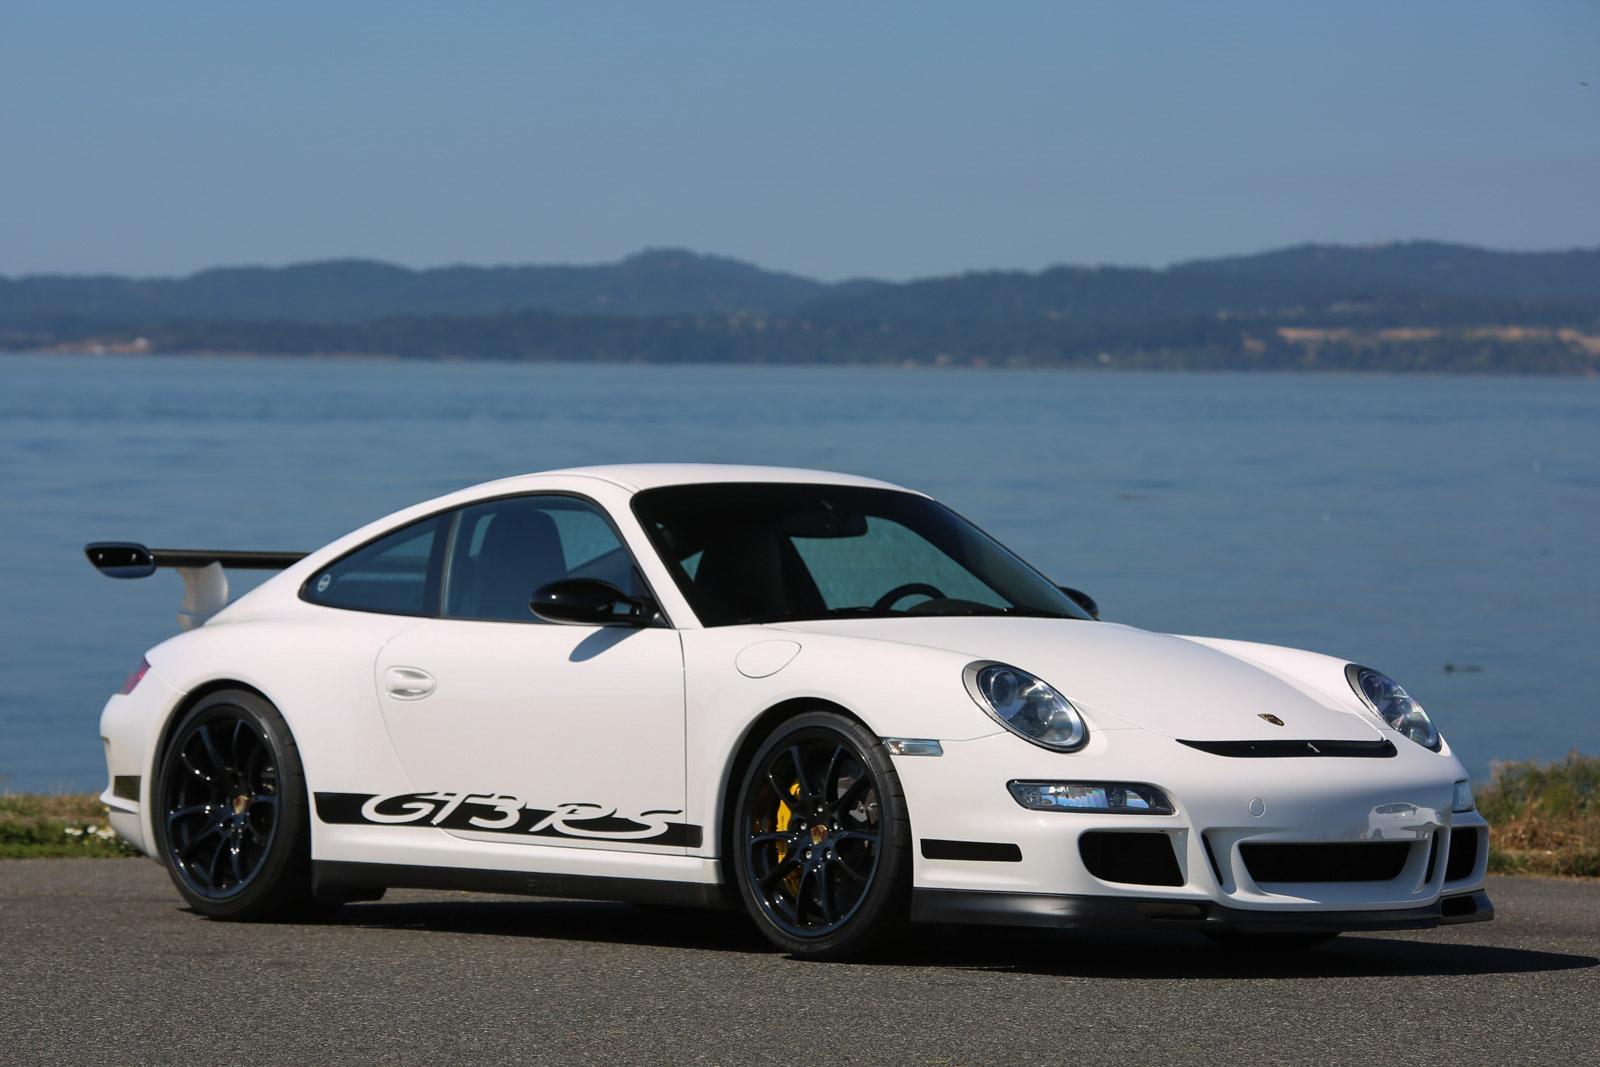 2007 Porsche GT3 RS (997) for sale